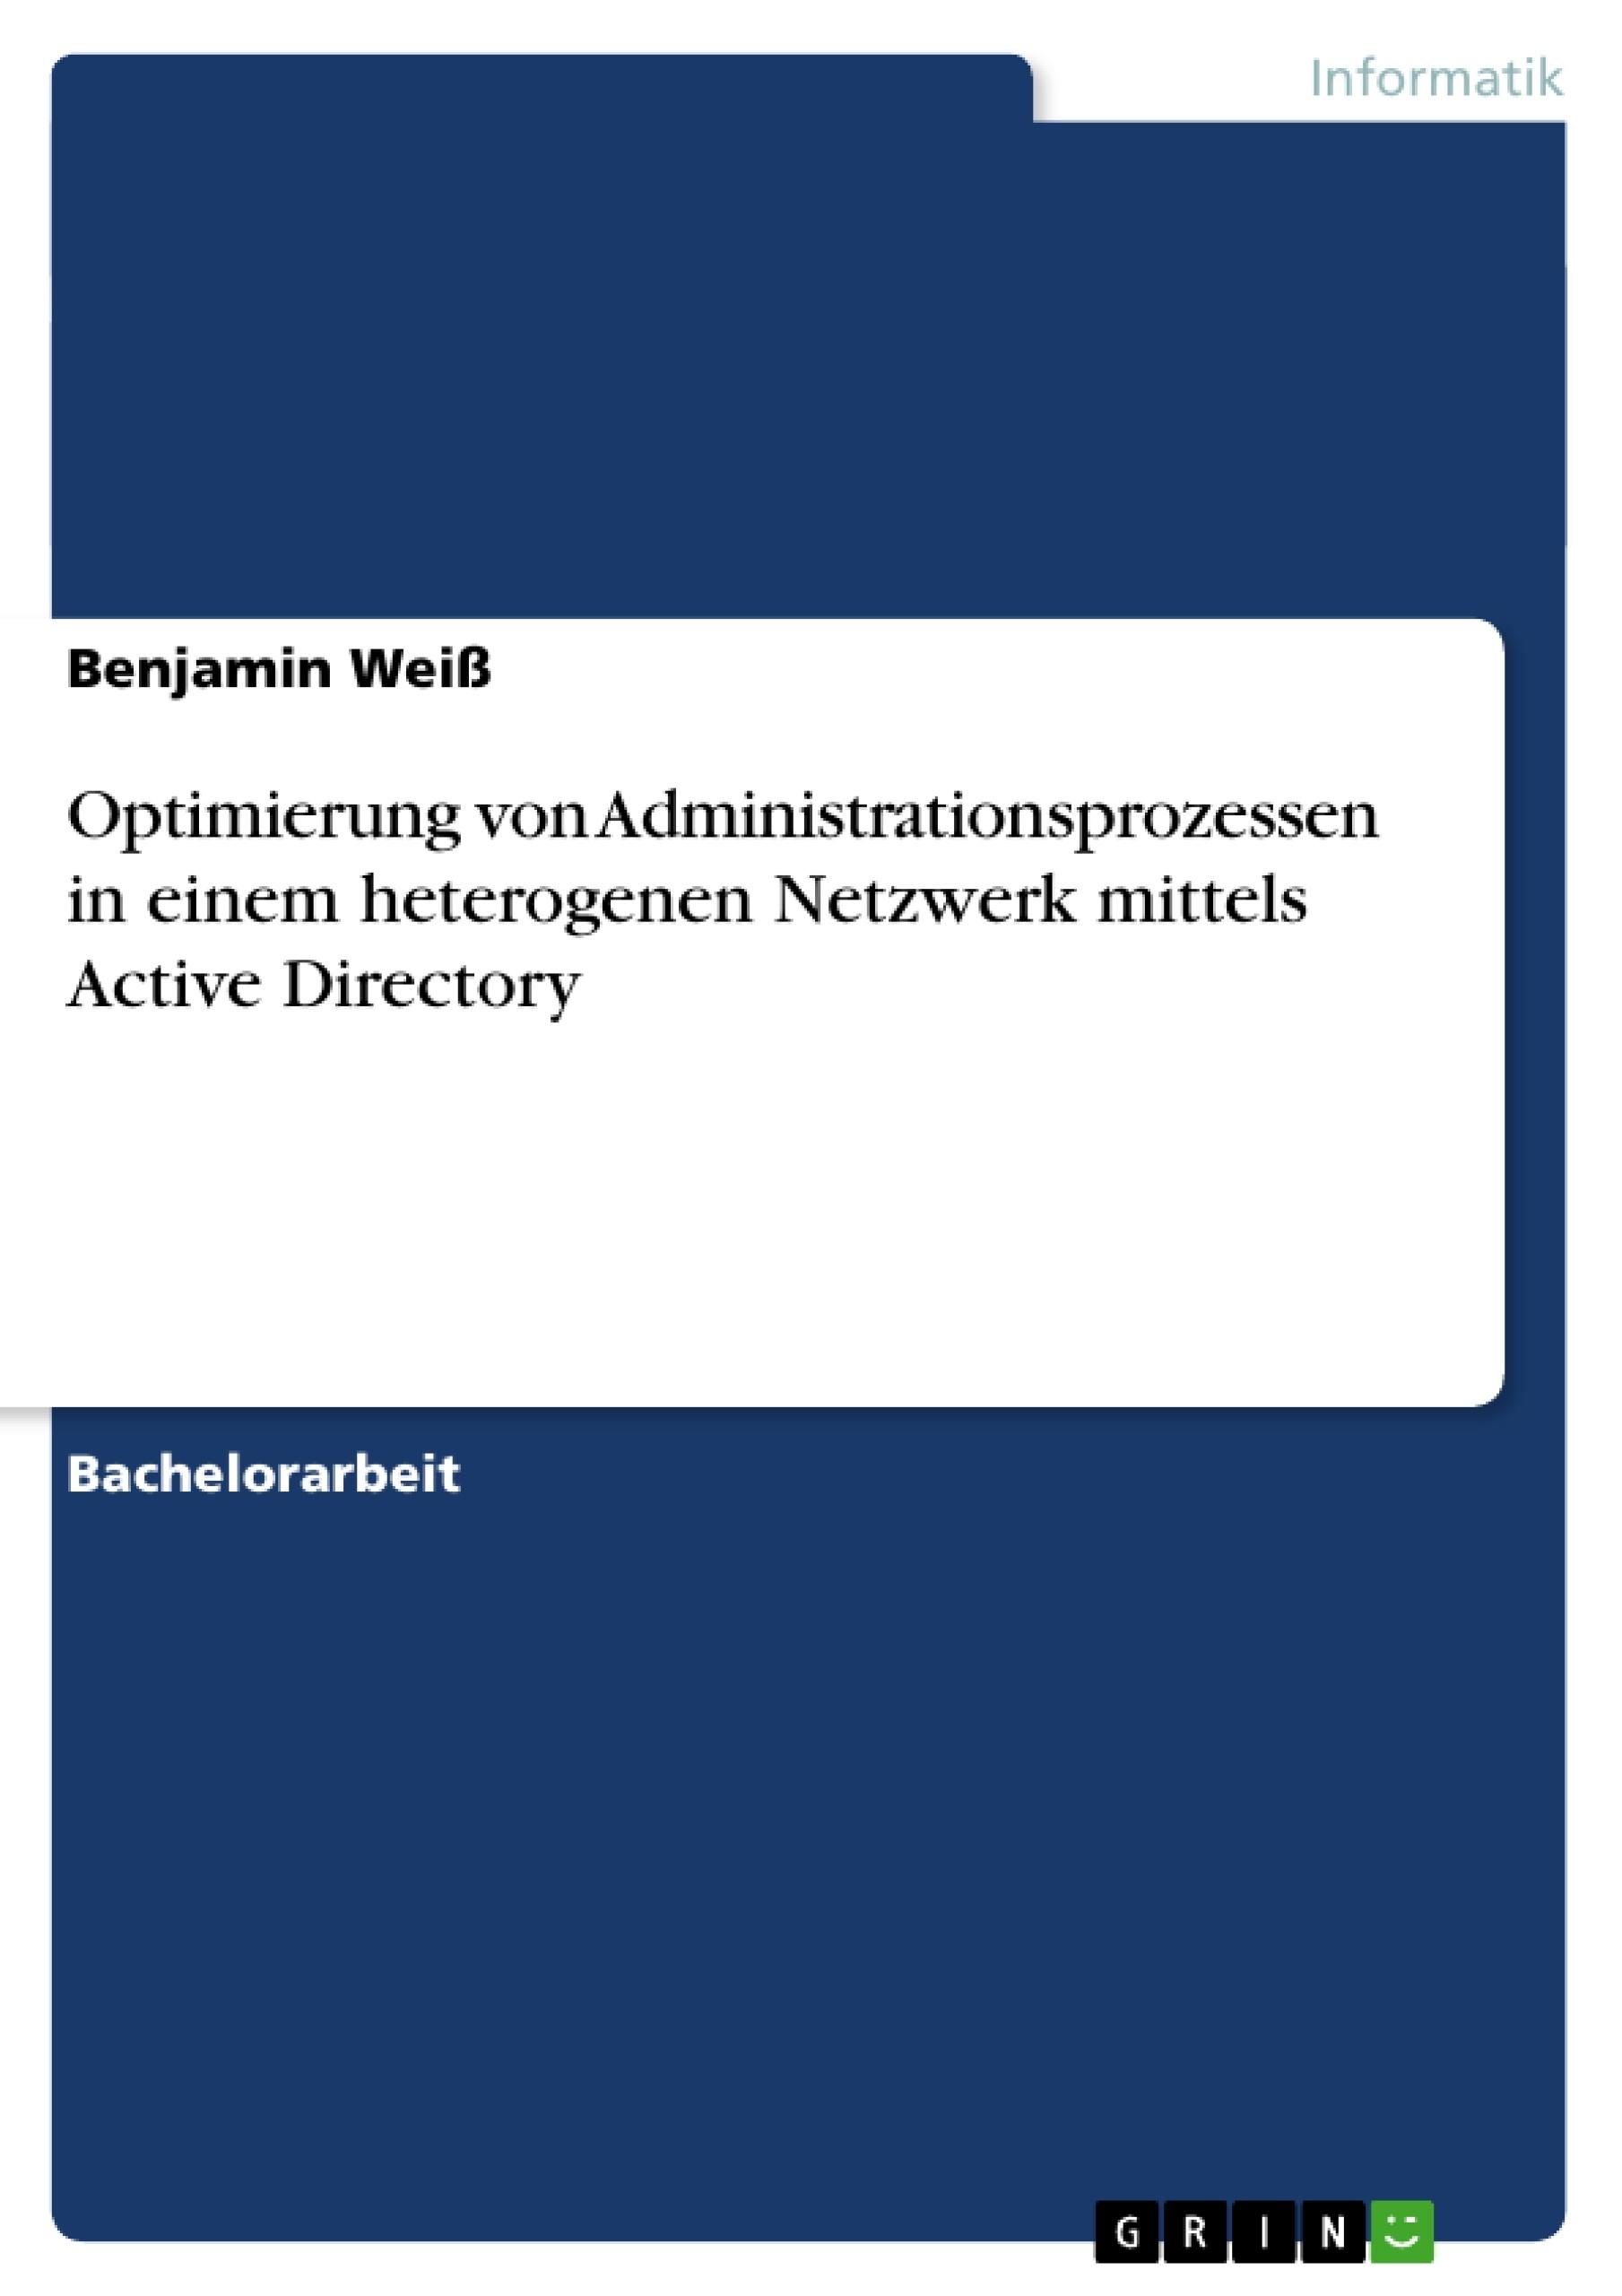 Titel: Optimierung von Administrationsprozessen in einem heterogenen Netzwerk mittels Active Directory